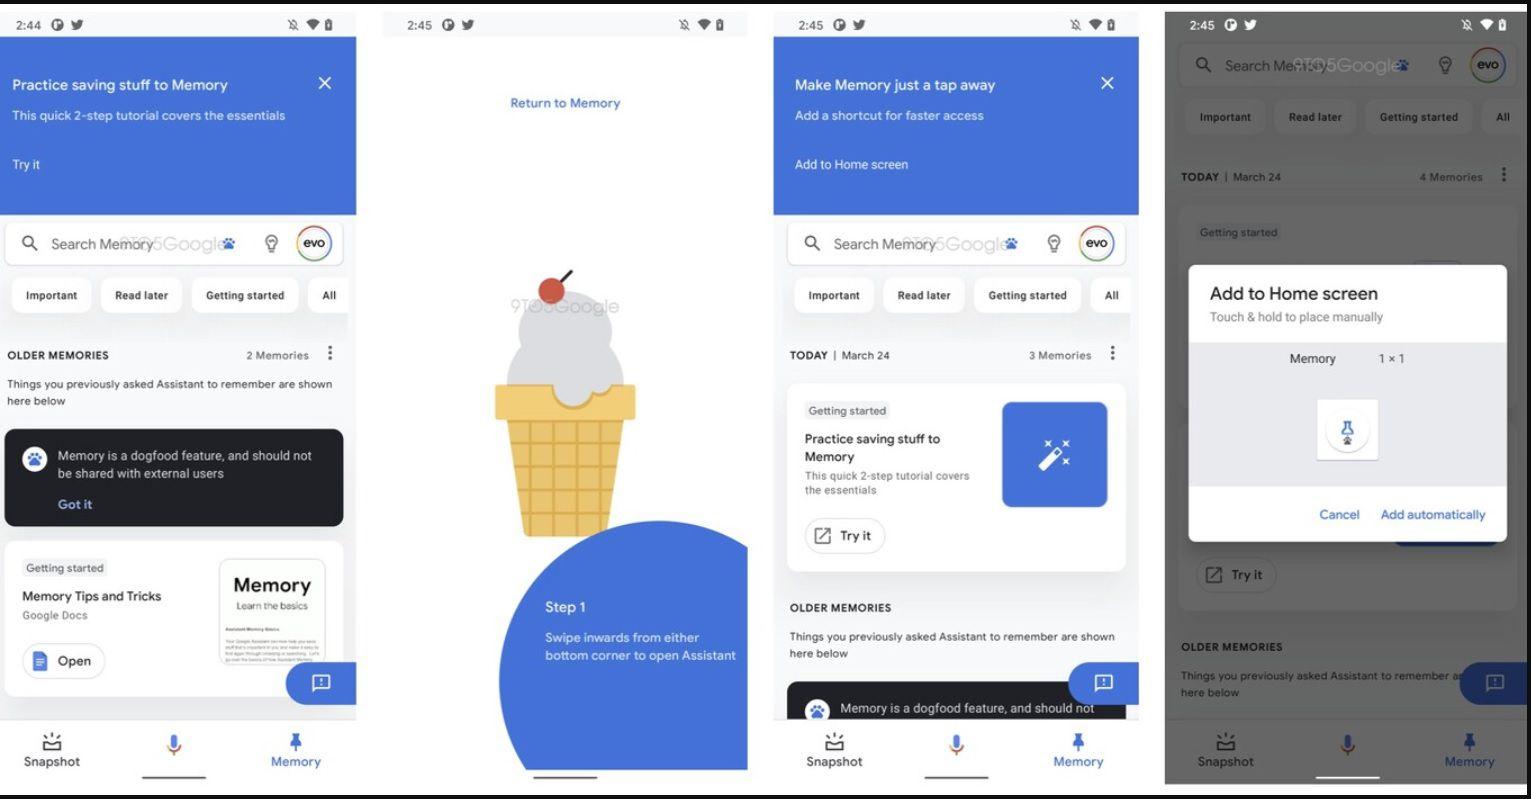 La nueva función Memoria del Asistente de Google